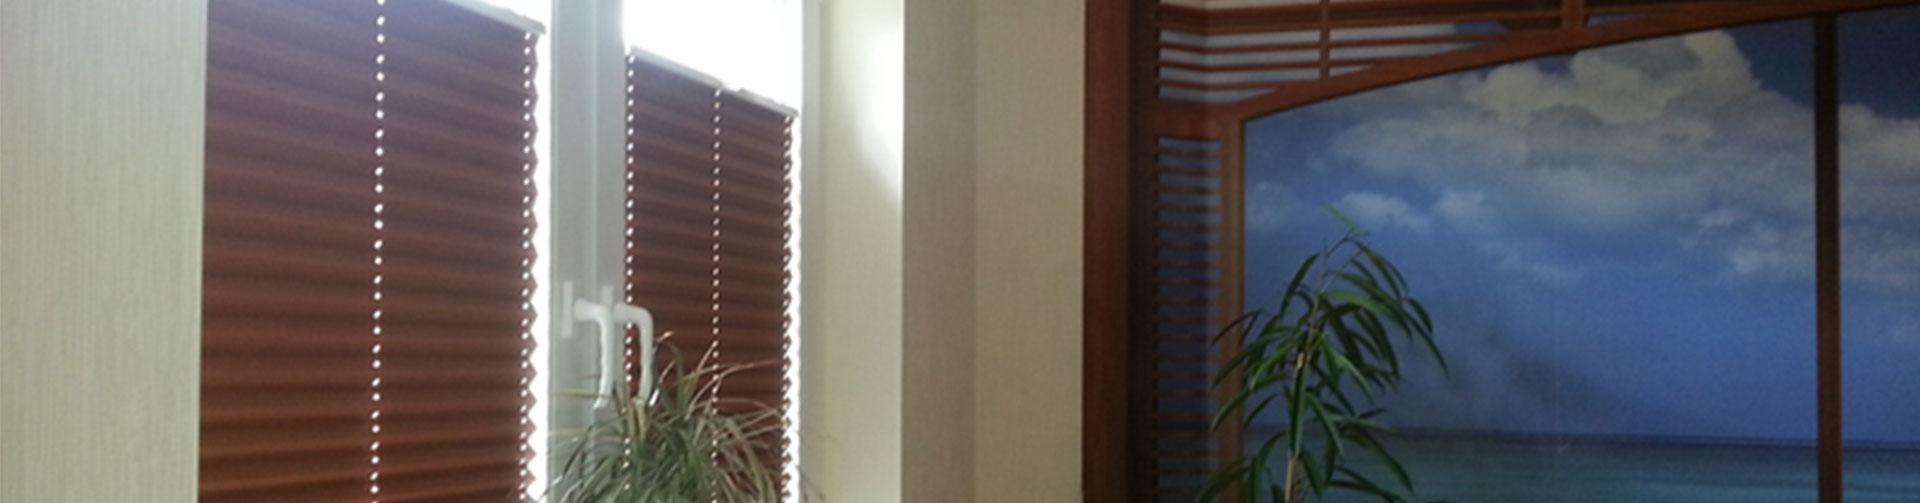 Plissee Rundfenster ein verdunklungsplissee ganz nach bedarf aussuchen